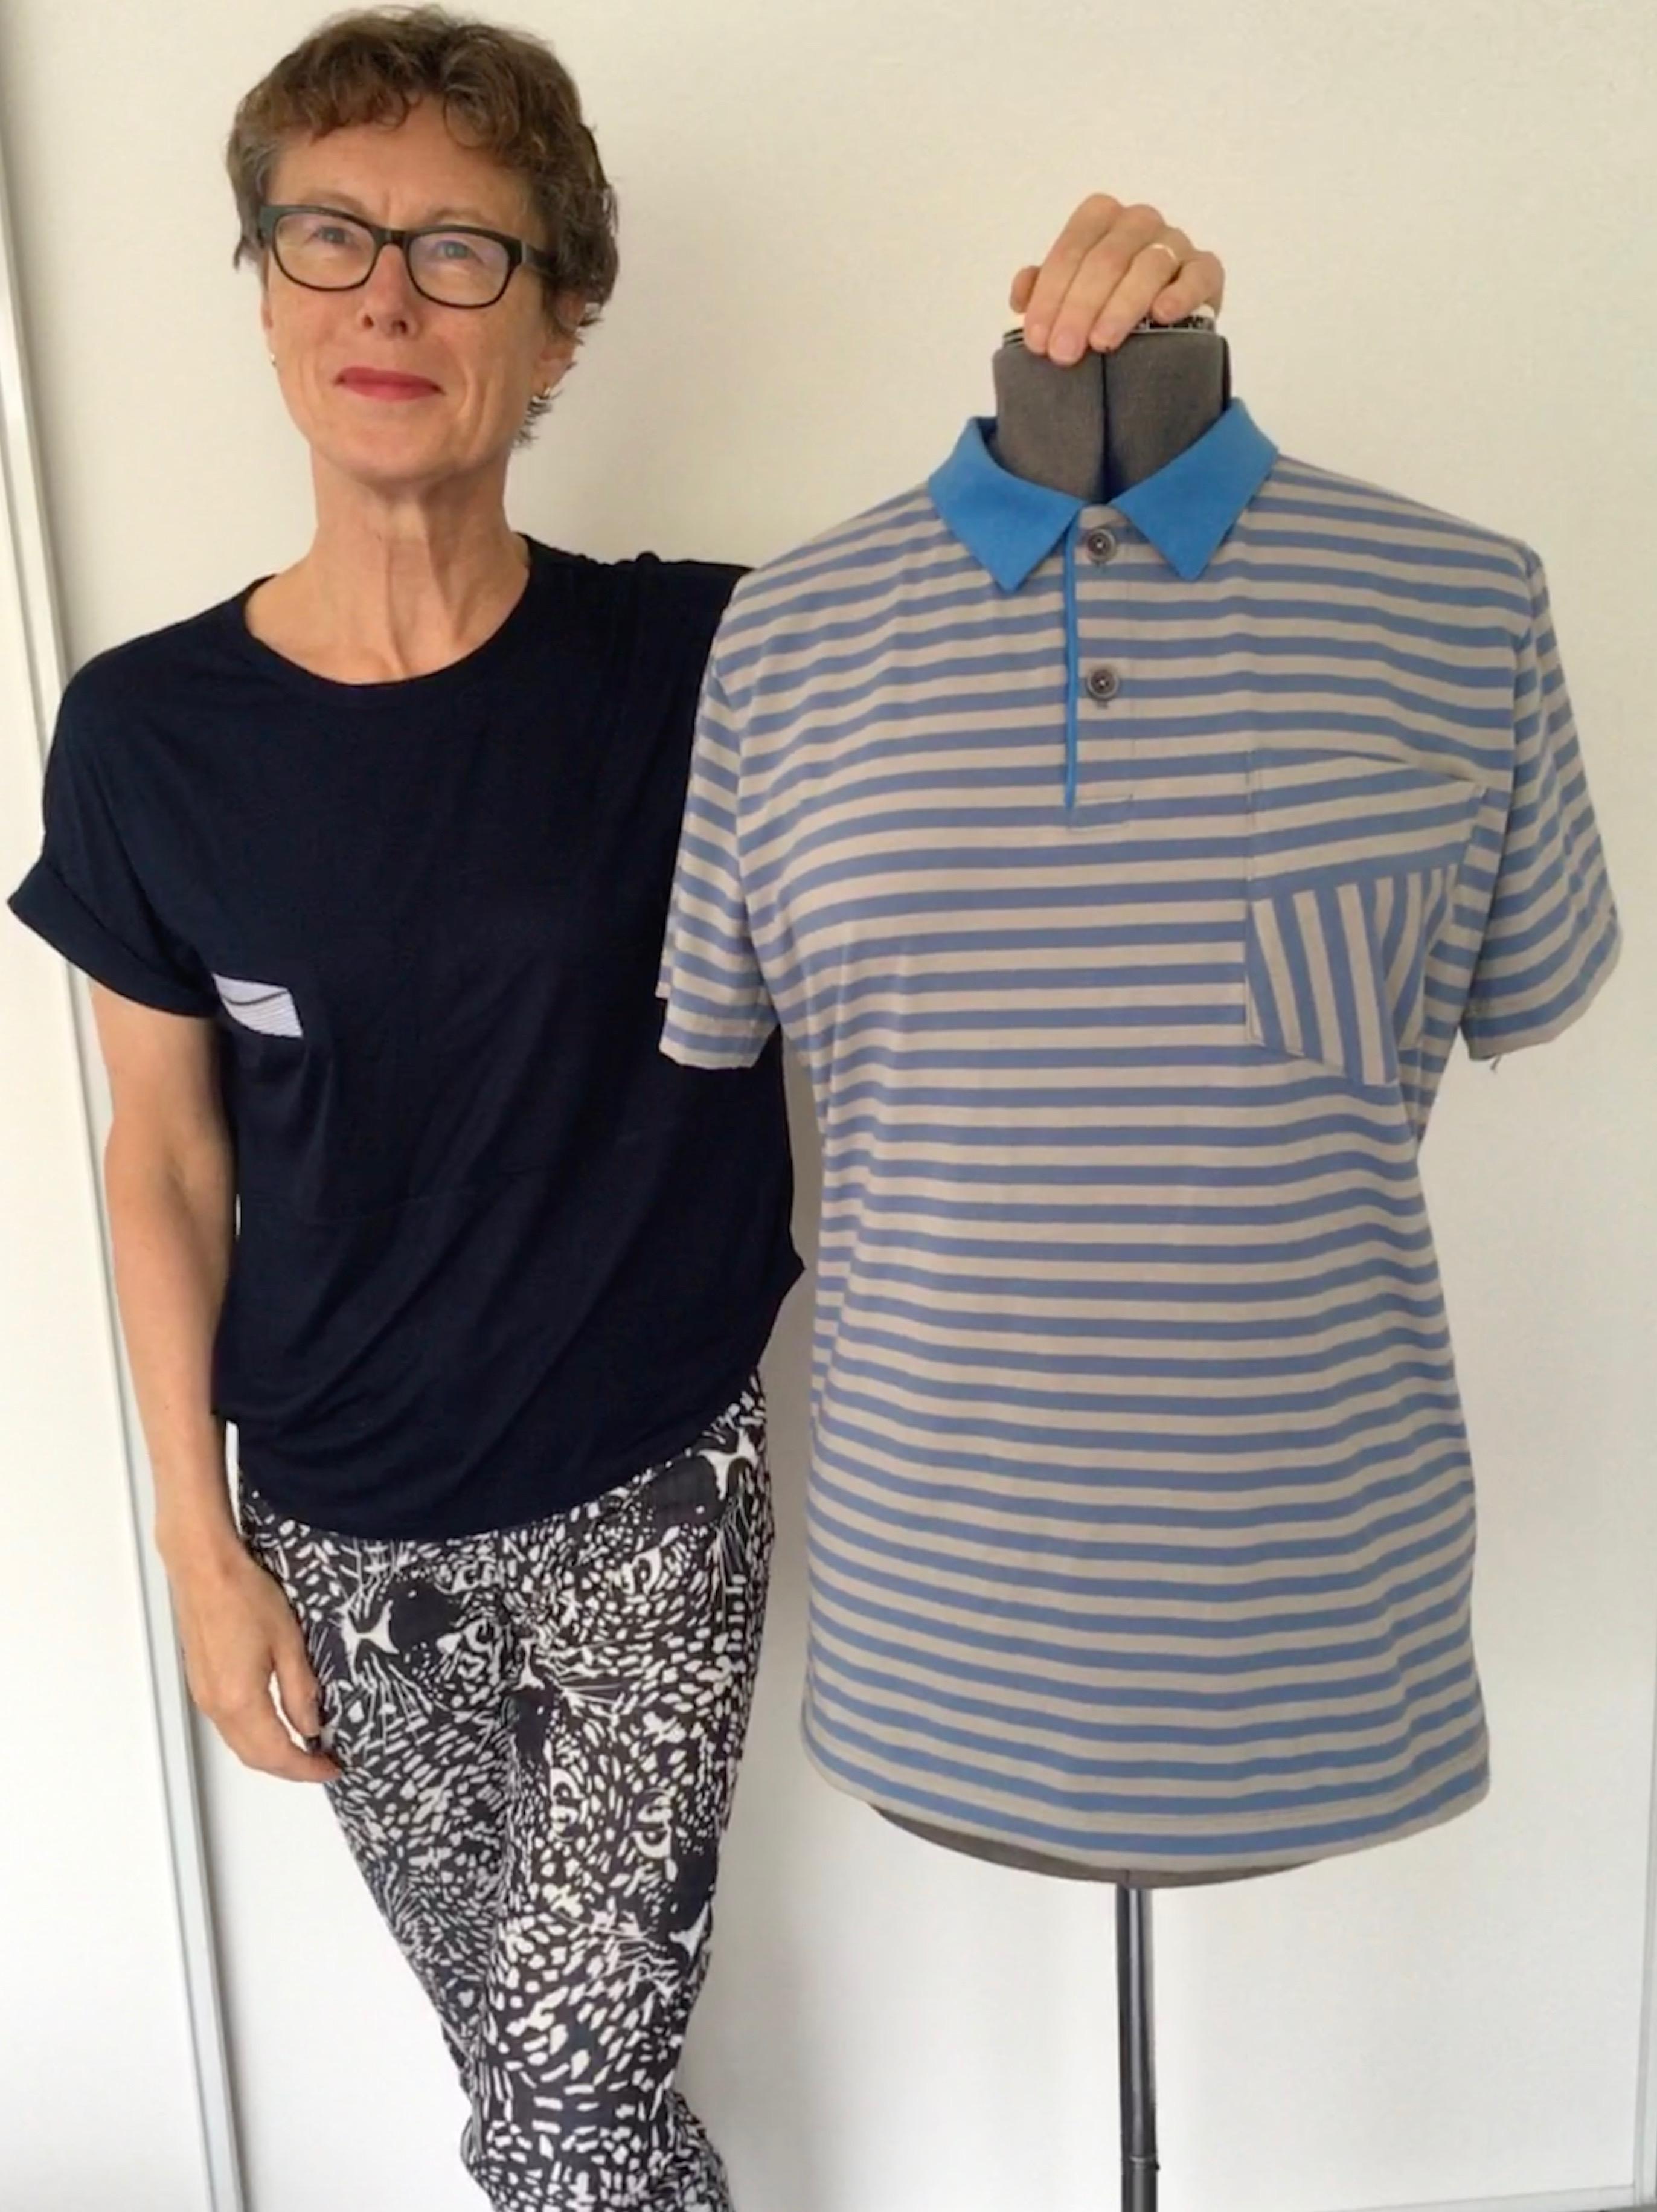 Zonen09 Theo met Style Arc Blaire als vakantie kleding